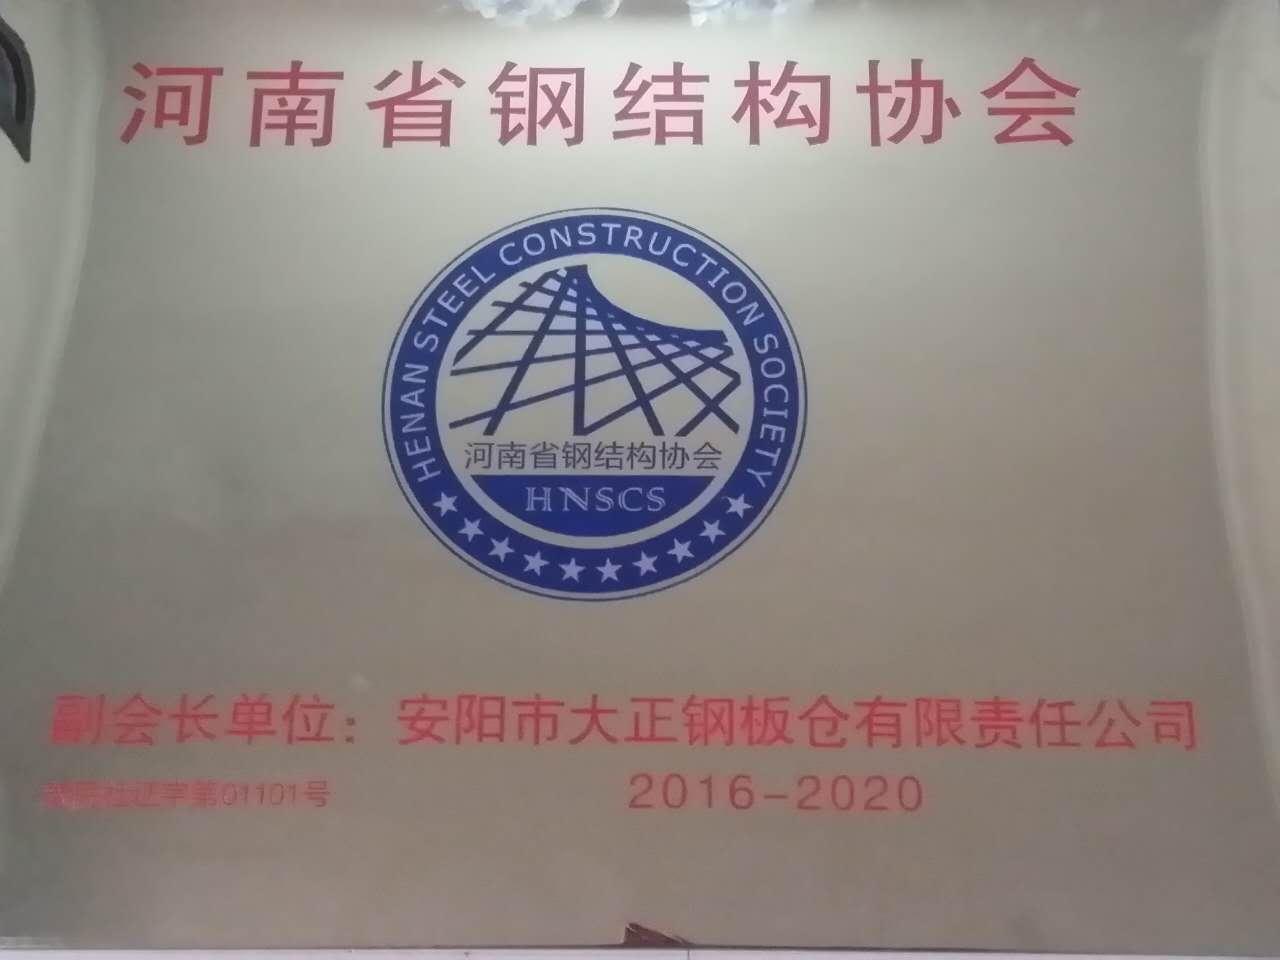 我公司當選為河南省鋼結構協會副會長單位-2.jpg